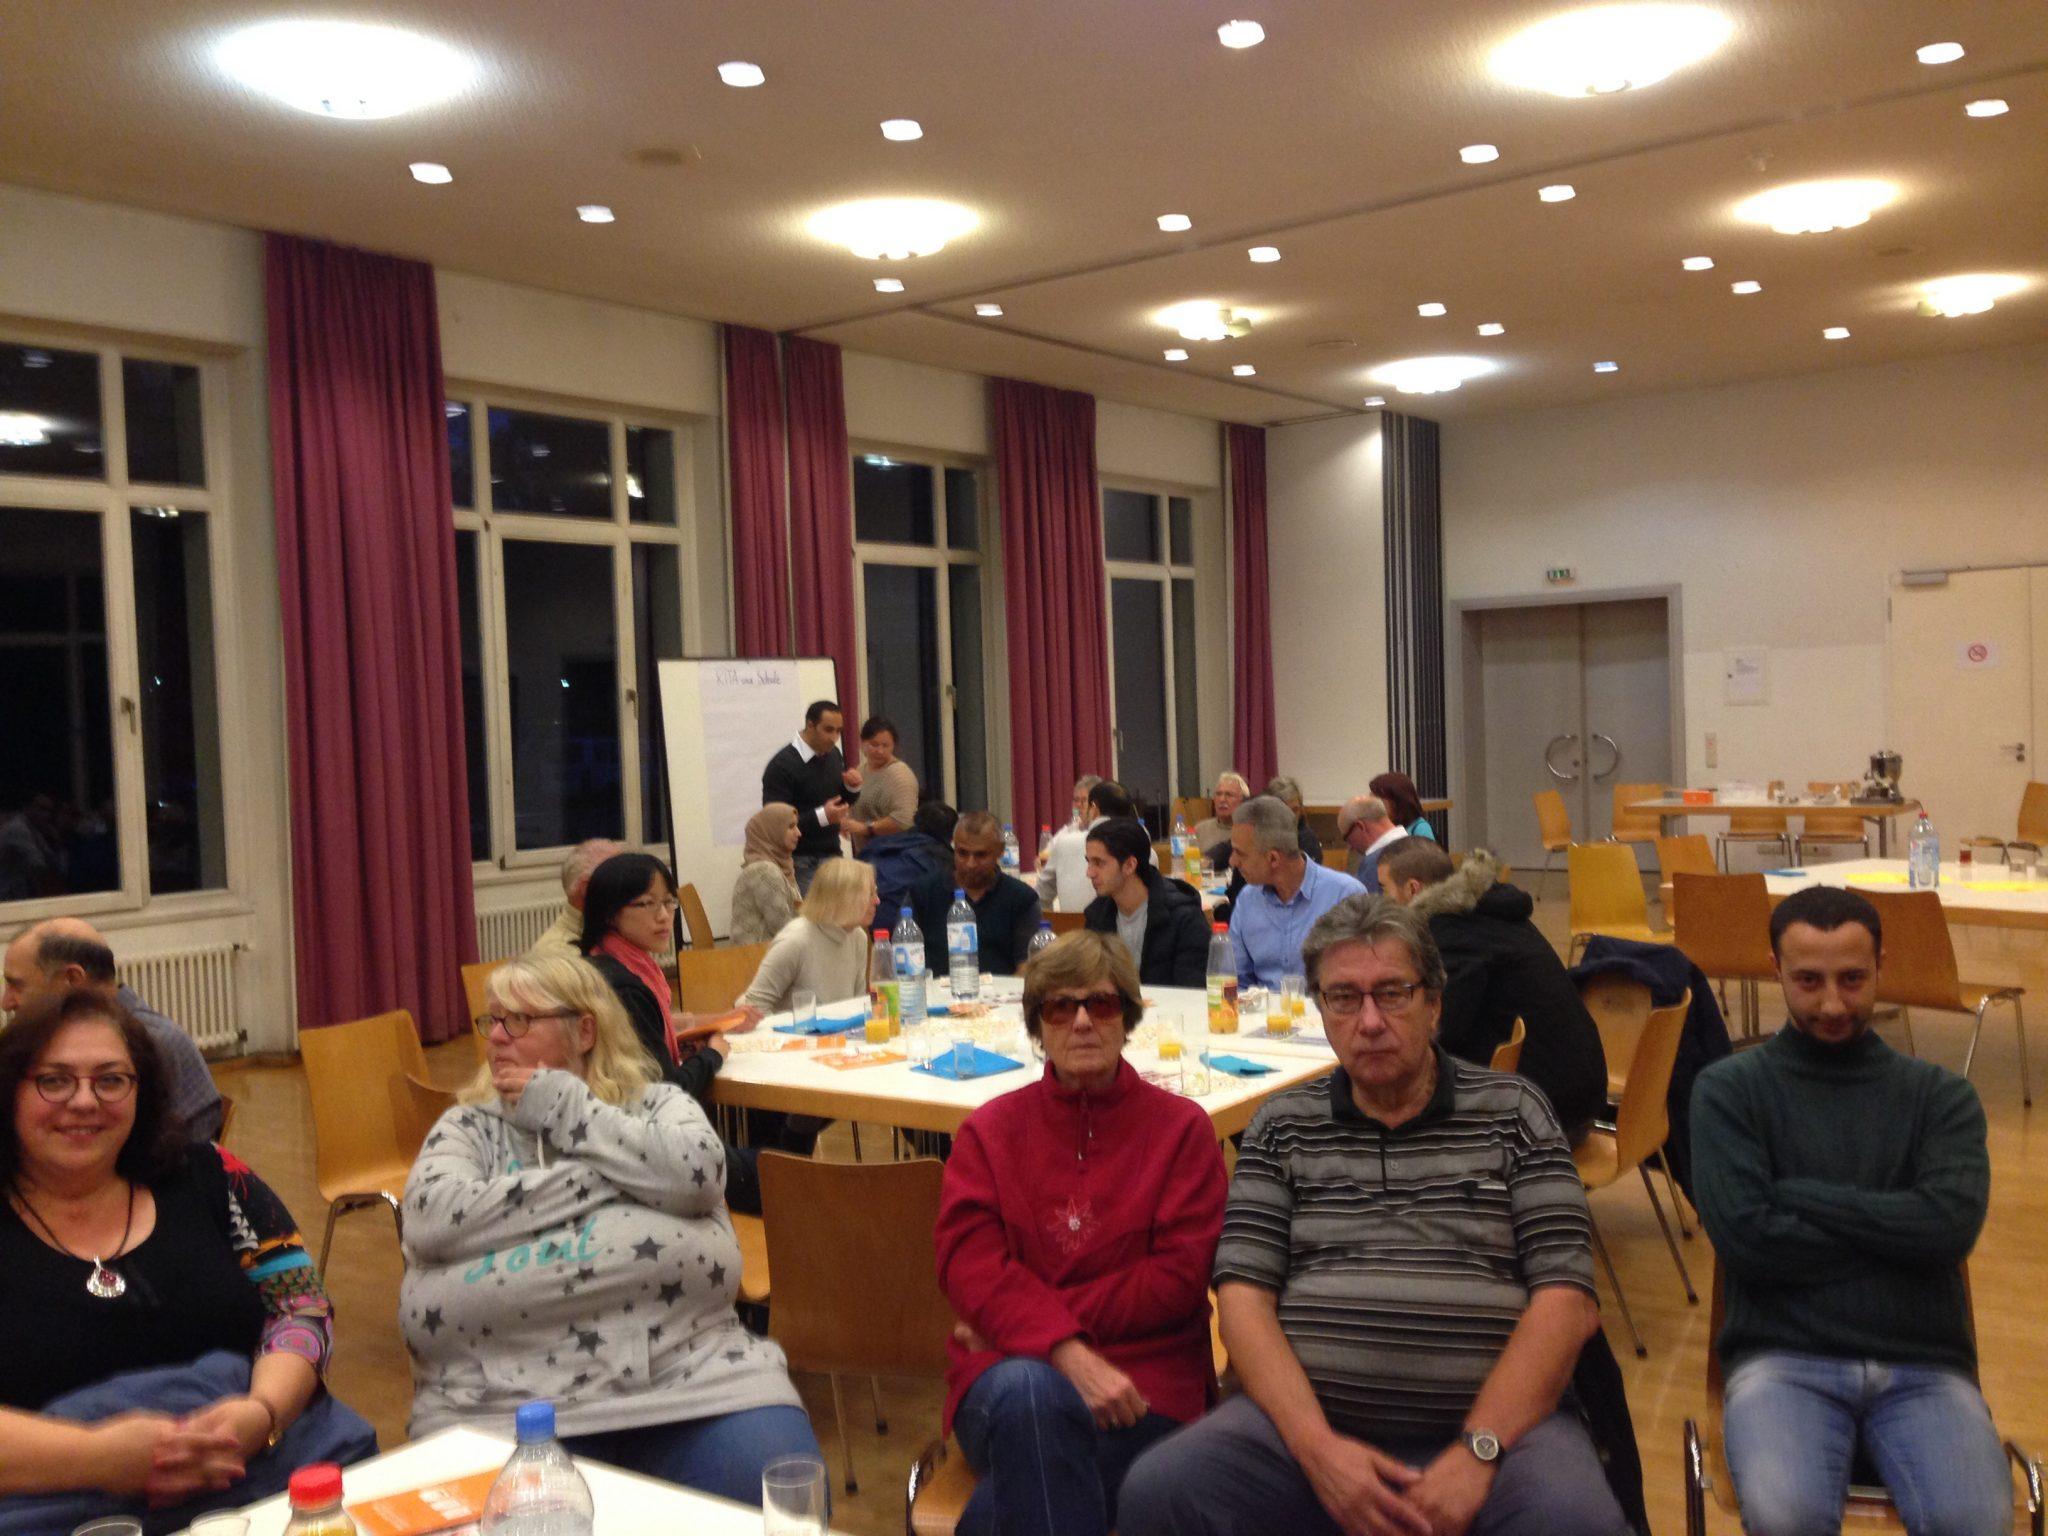 Arbeit In D Ef Bf Bdsseldorf In Griechische Cafe